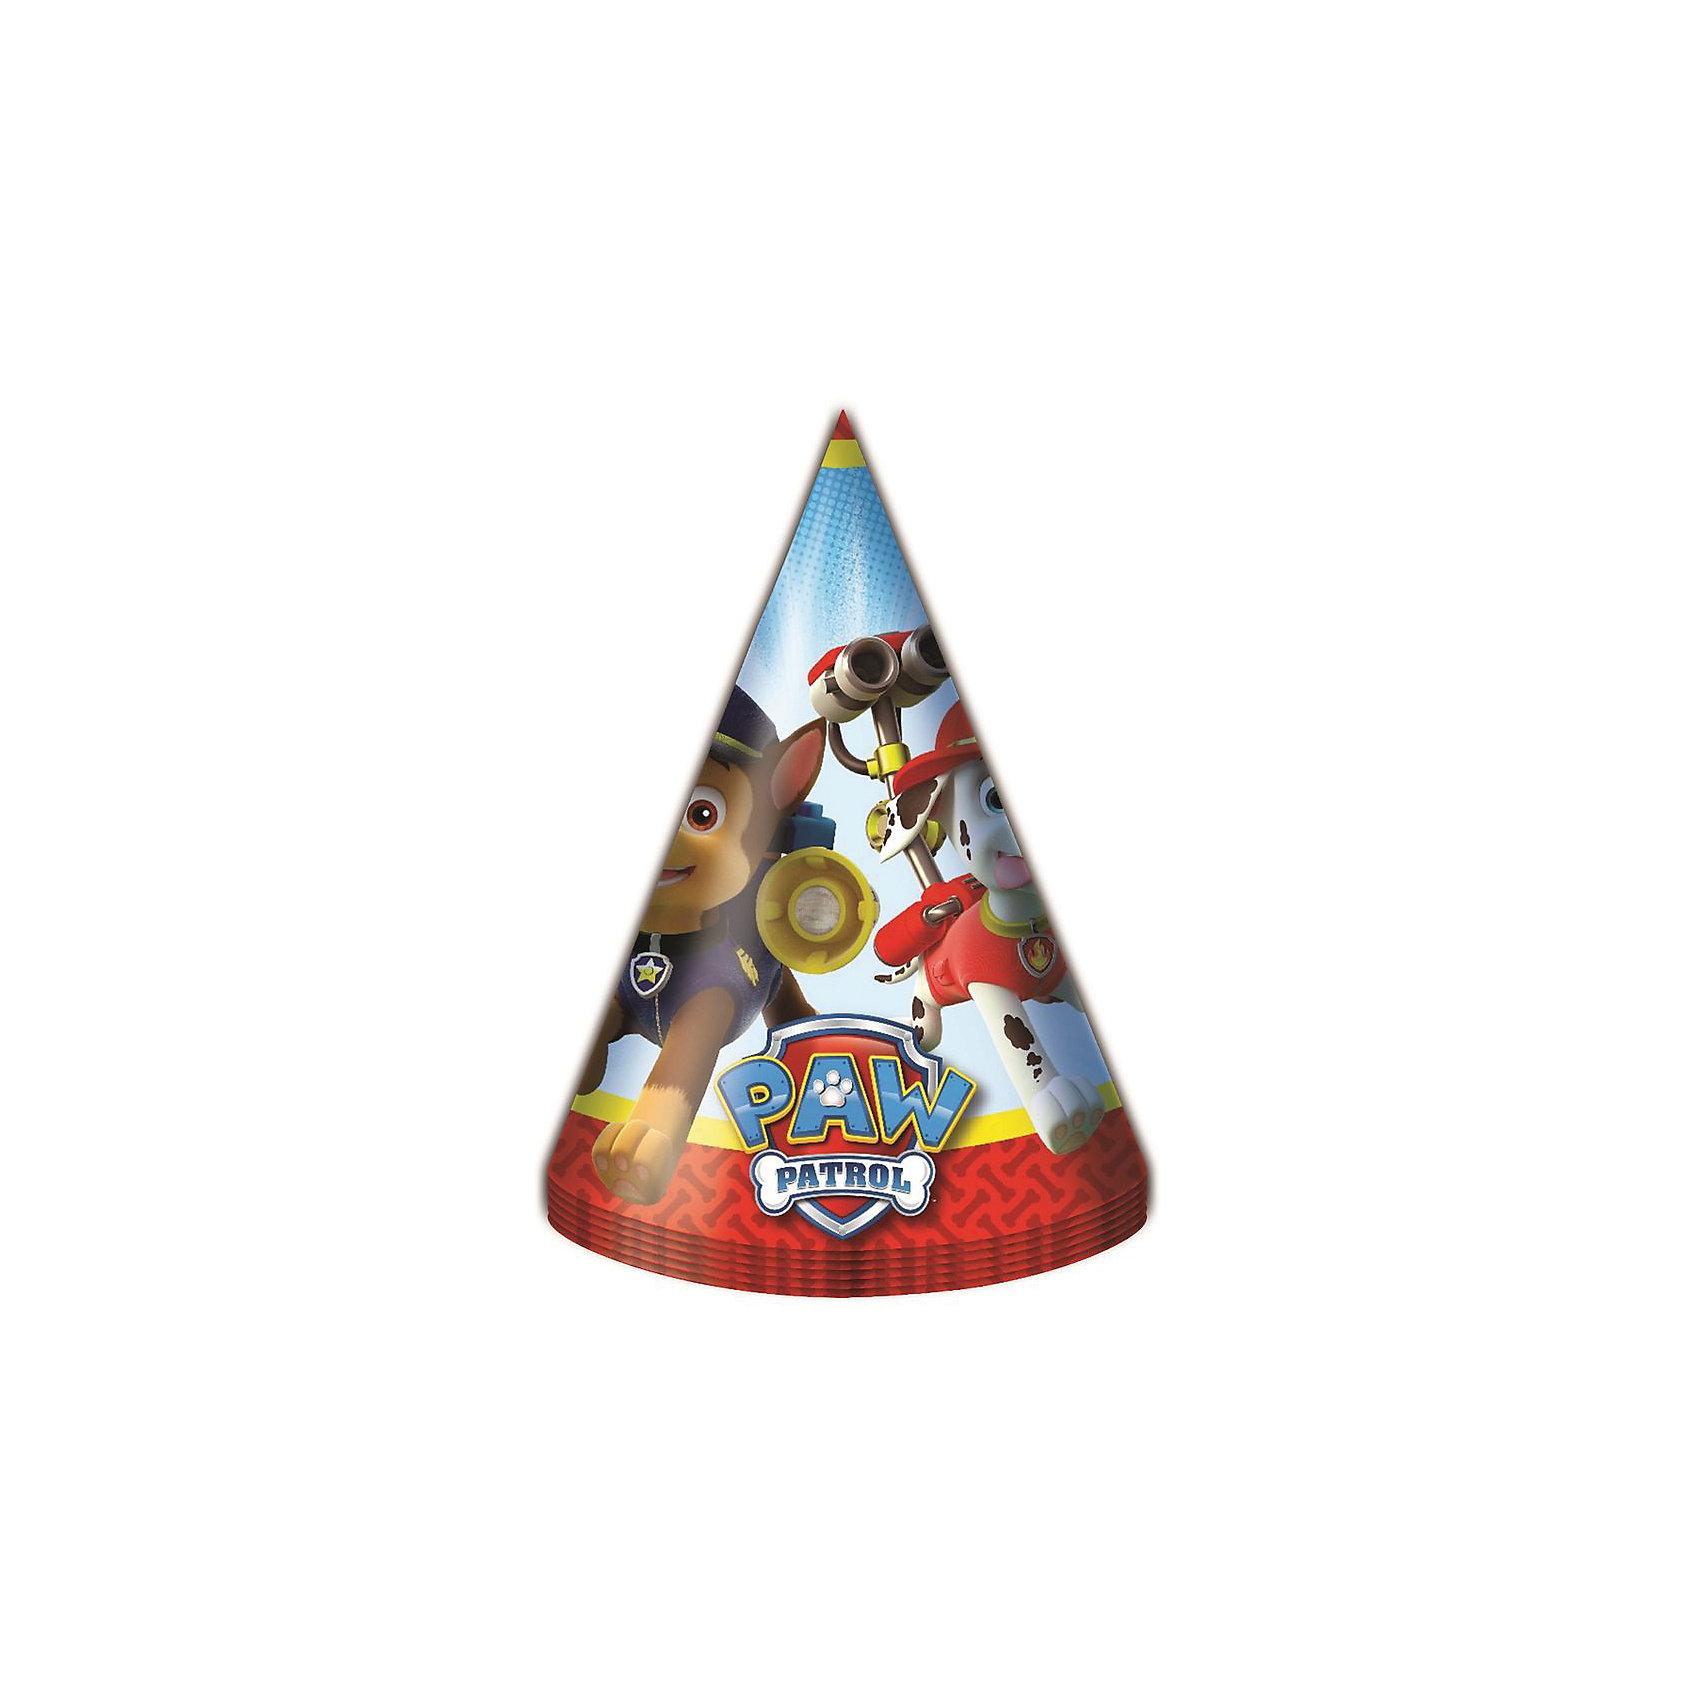 Колпачок 6 шт., Щенячий патрульБумажные колпачки с очаровательными героями мультфильма Щенячий патруль ярко и весело украсят всех гостей детского праздника, поднимут всем настроение и помогут устроить множество забавных игр. А чтобы оформить торжество в едином стиле, вы также можете выбрать из данной серии бумажные стаканы, тарелки, дудочки, язычки, салфетки, полиэтиленовую скатерть, свечи, хлопушку и другое.&#13;<br>В наборе Щенячий патруль 6 бумажных колпаков на резинках с ярким, привлекательным принтом. Товар сертифицирован. Упаковка - пакет с хедером.<br><br>Ширина мм: 170<br>Глубина мм: 103<br>Высота мм: 50<br>Вес г: 60<br>Возраст от месяцев: 36<br>Возраст до месяцев: 2147483647<br>Пол: Унисекс<br>Возраст: Детский<br>SKU: 5453494